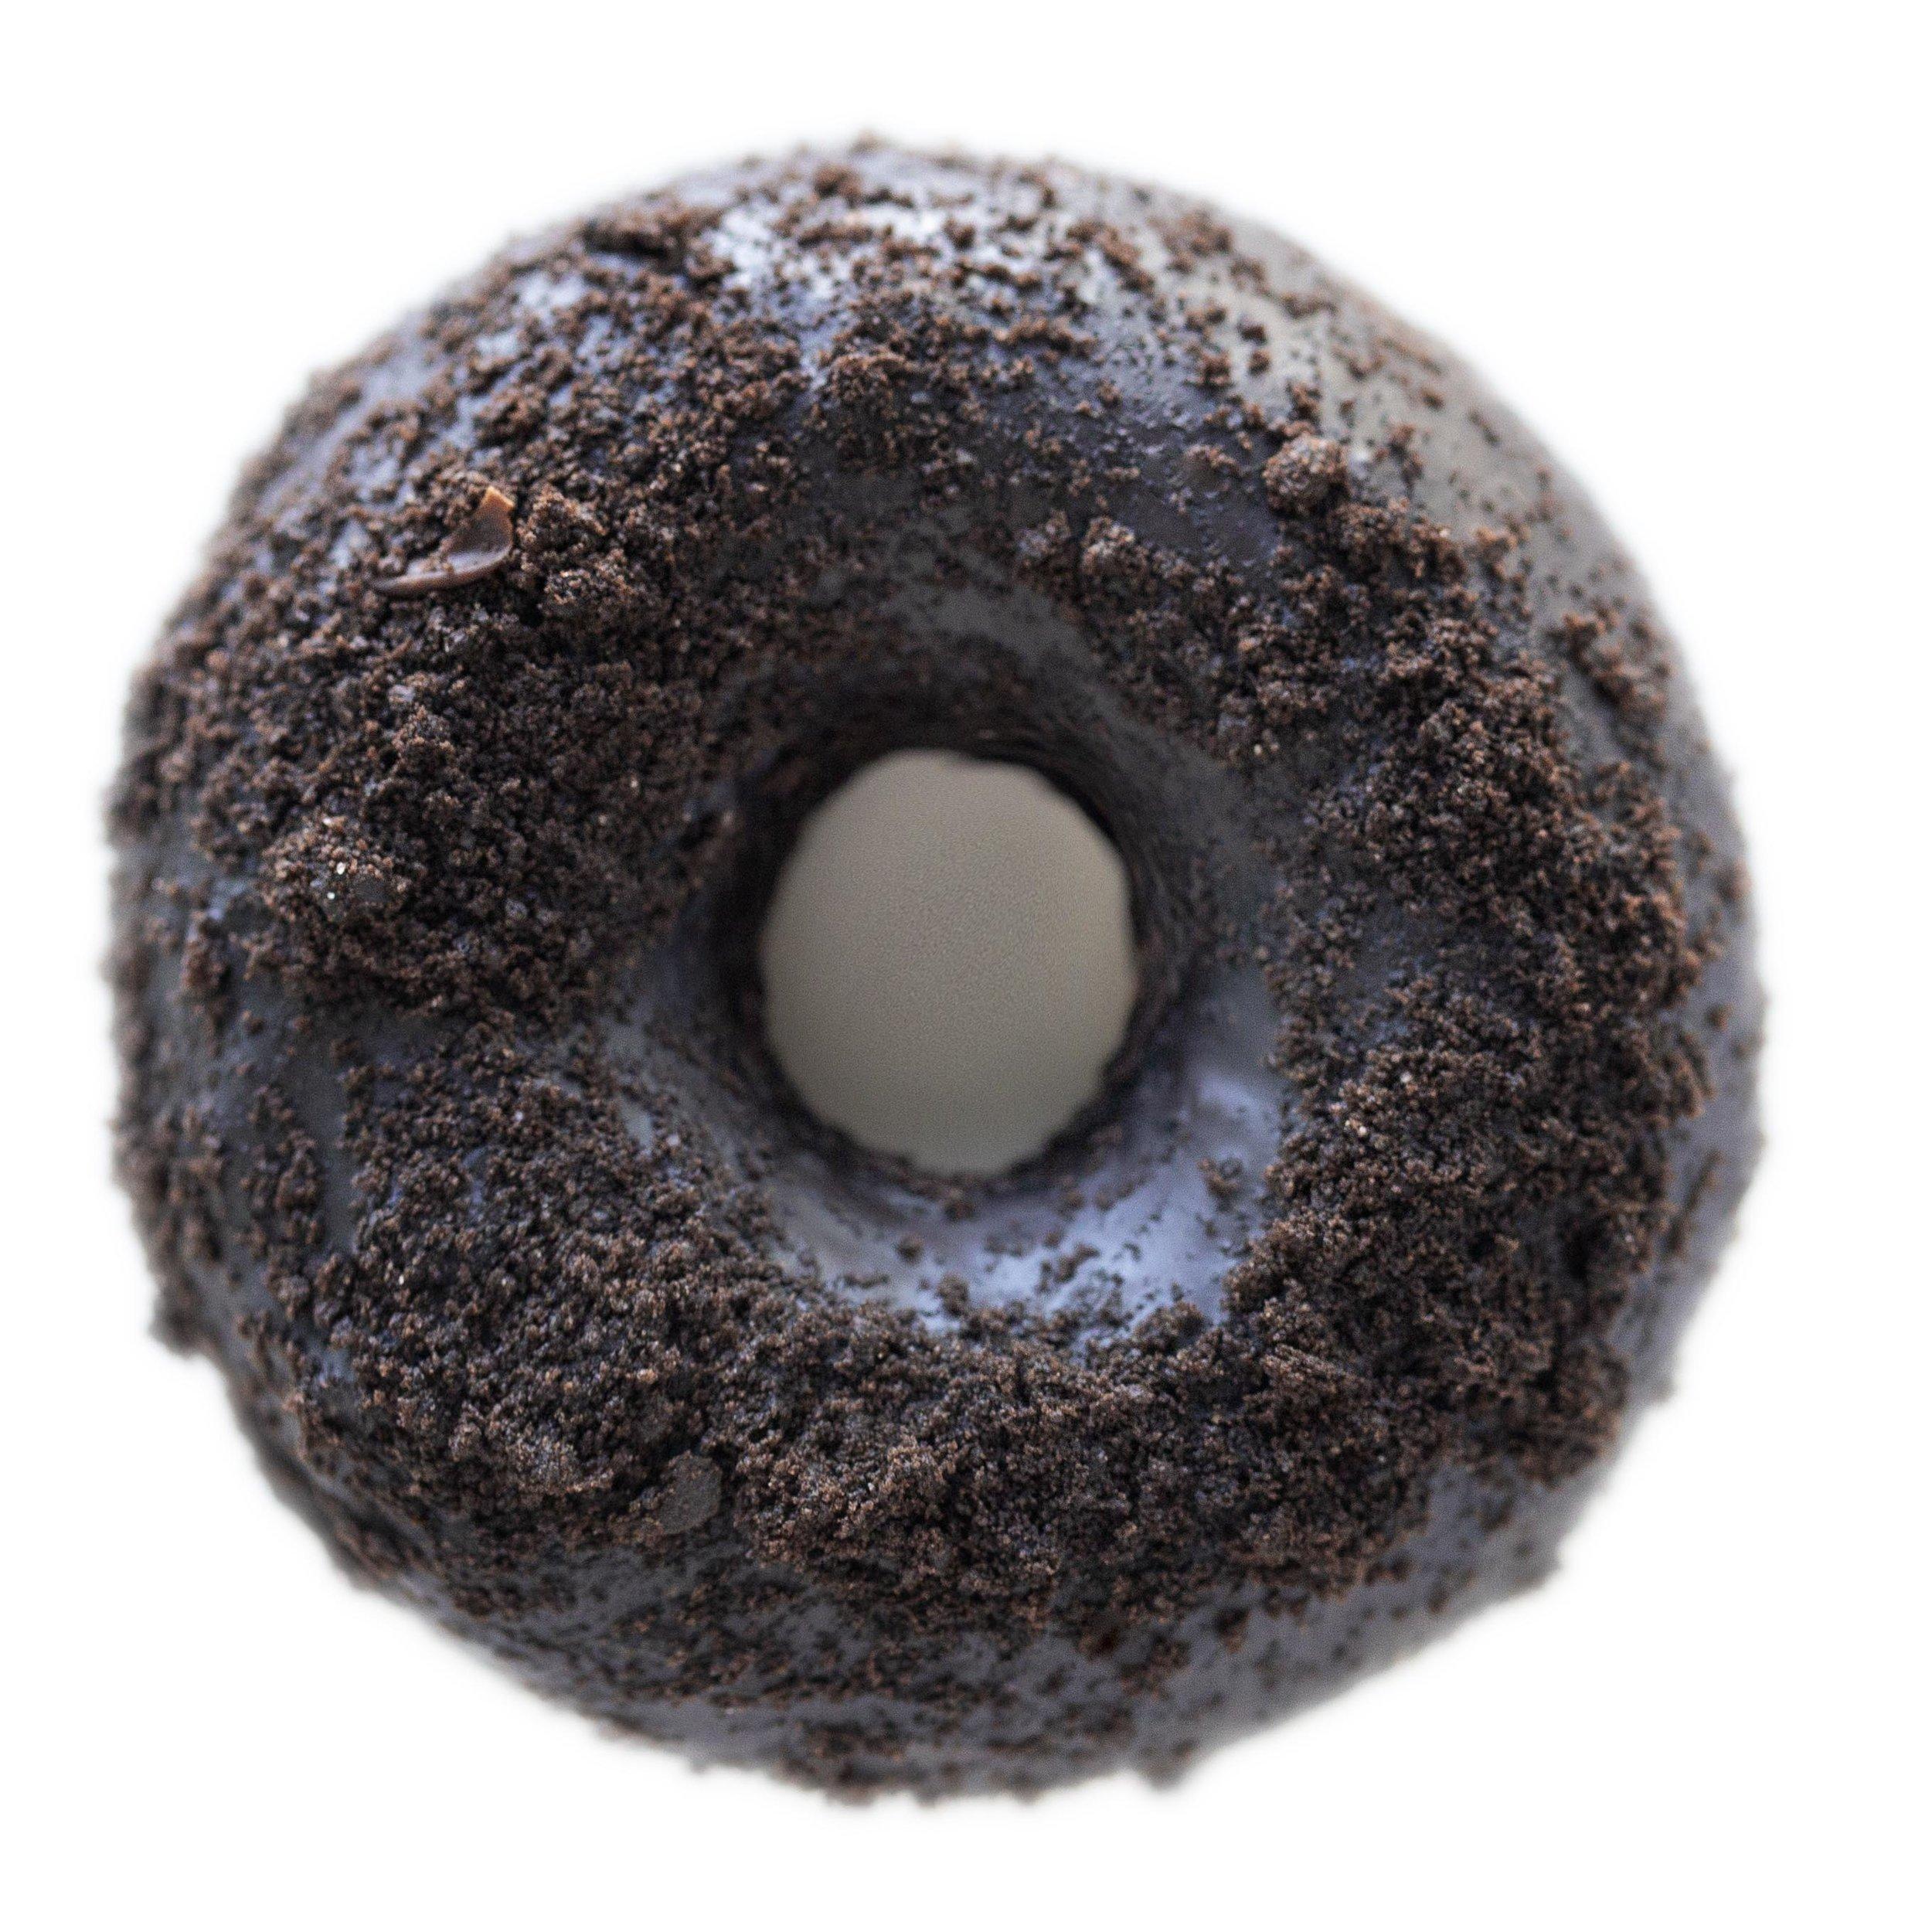 Vegan Chocolate Oreo -